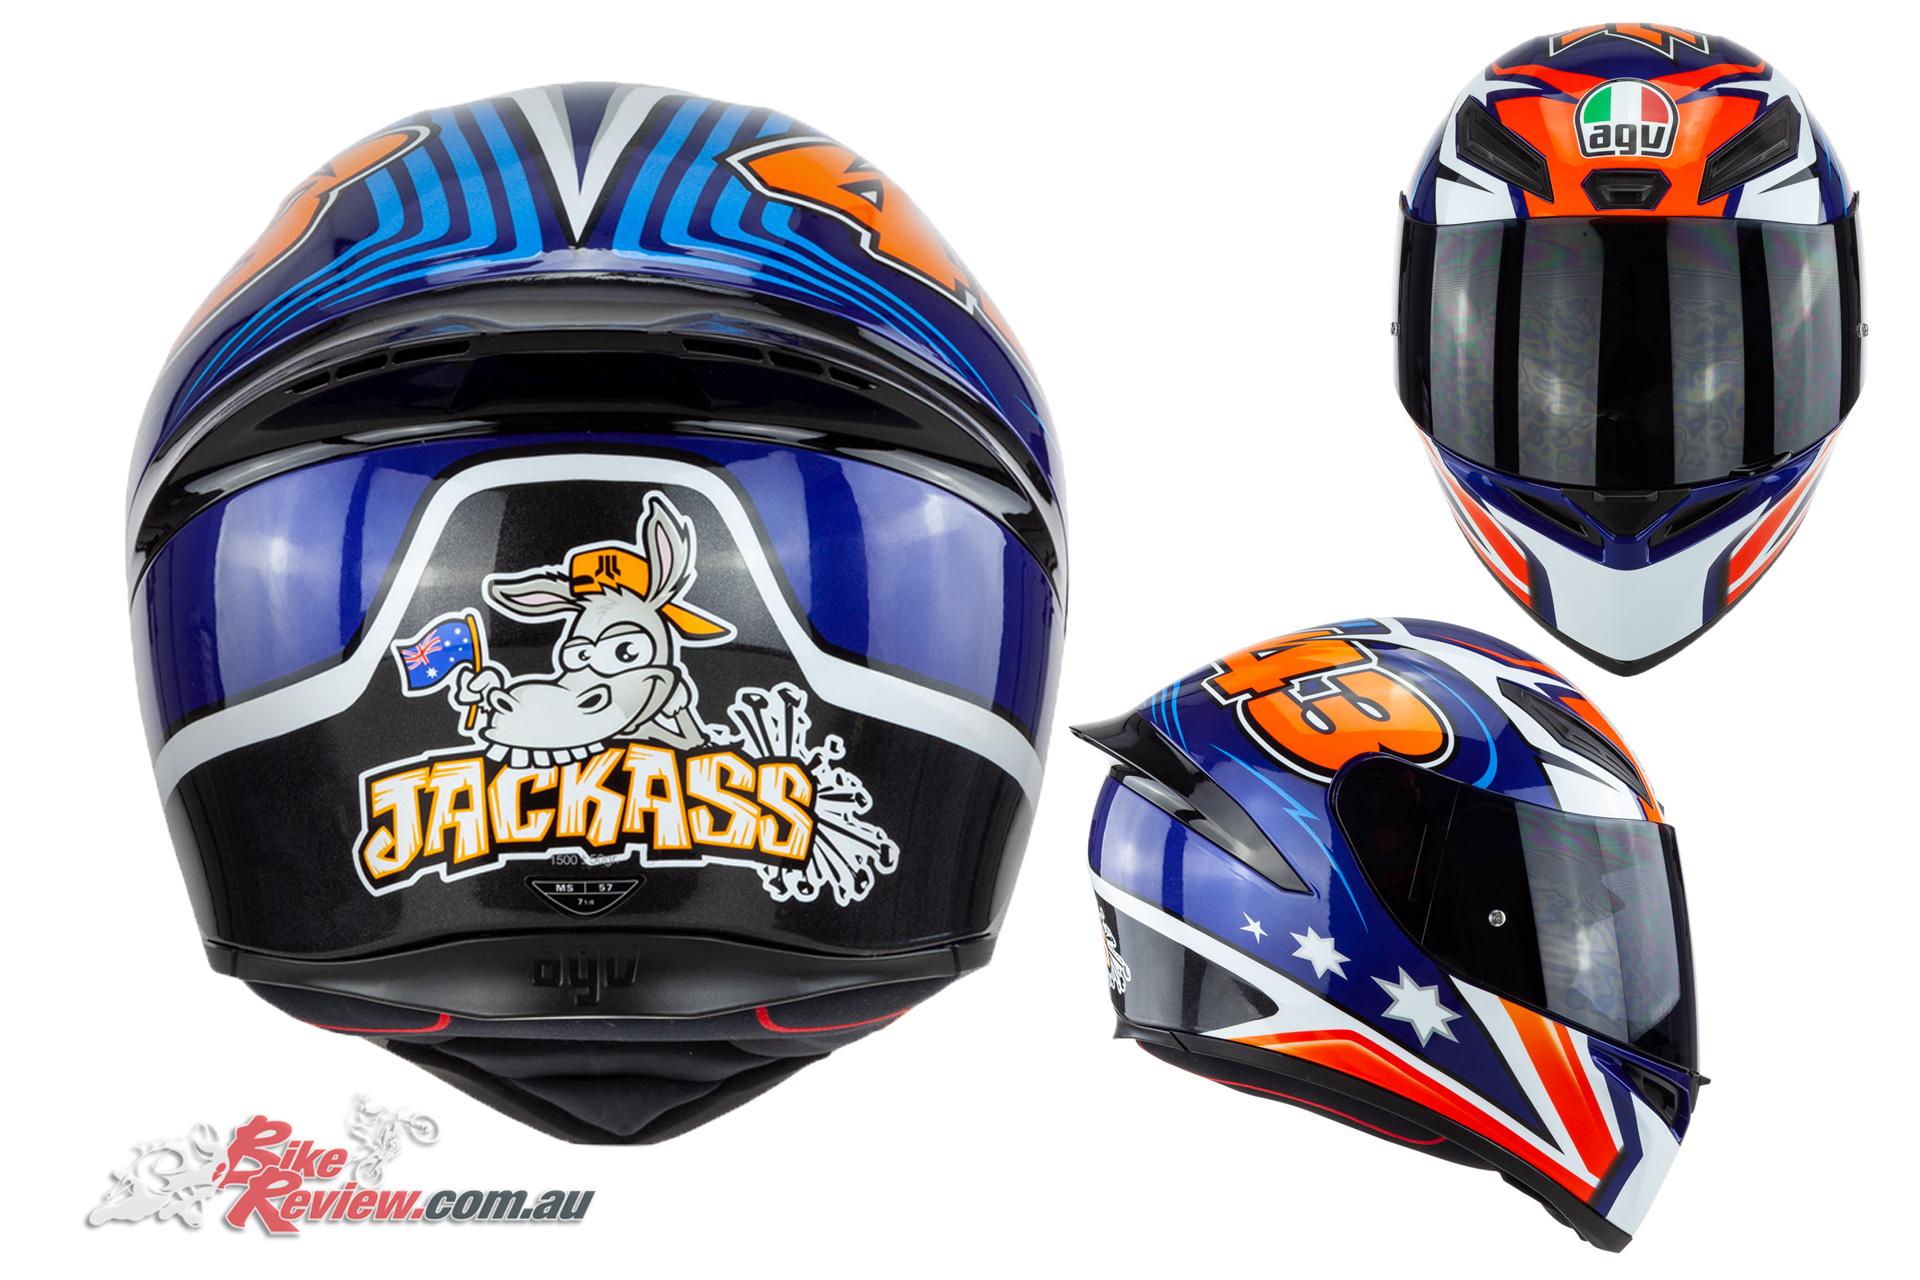 New Product Agv K 1 Miller Helmet 349 00 Rrp Bike Review